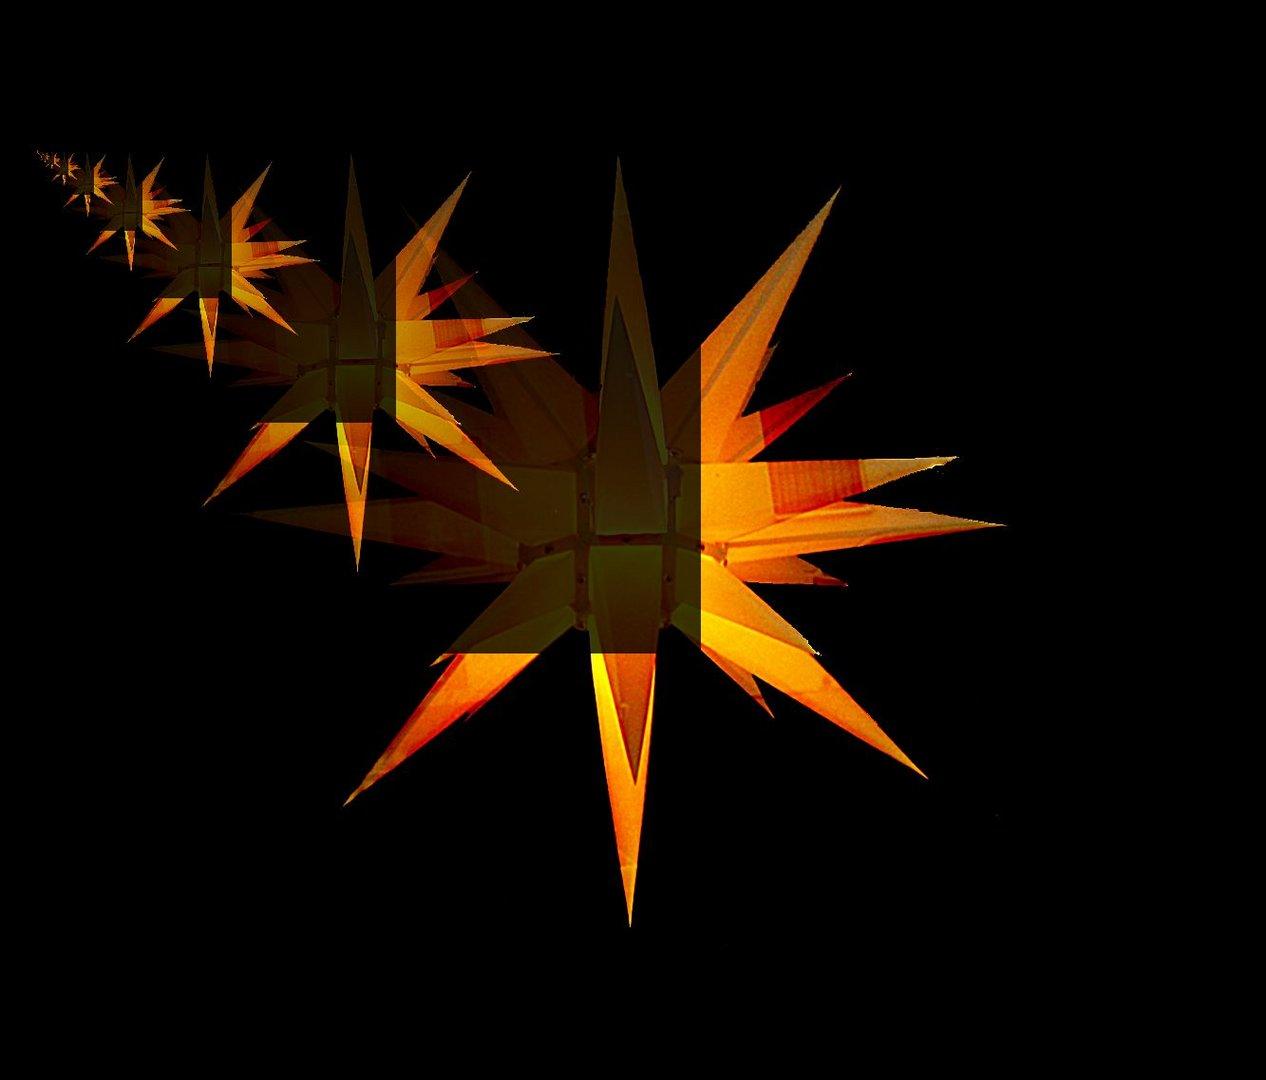 Herrnhuter Sternenserie